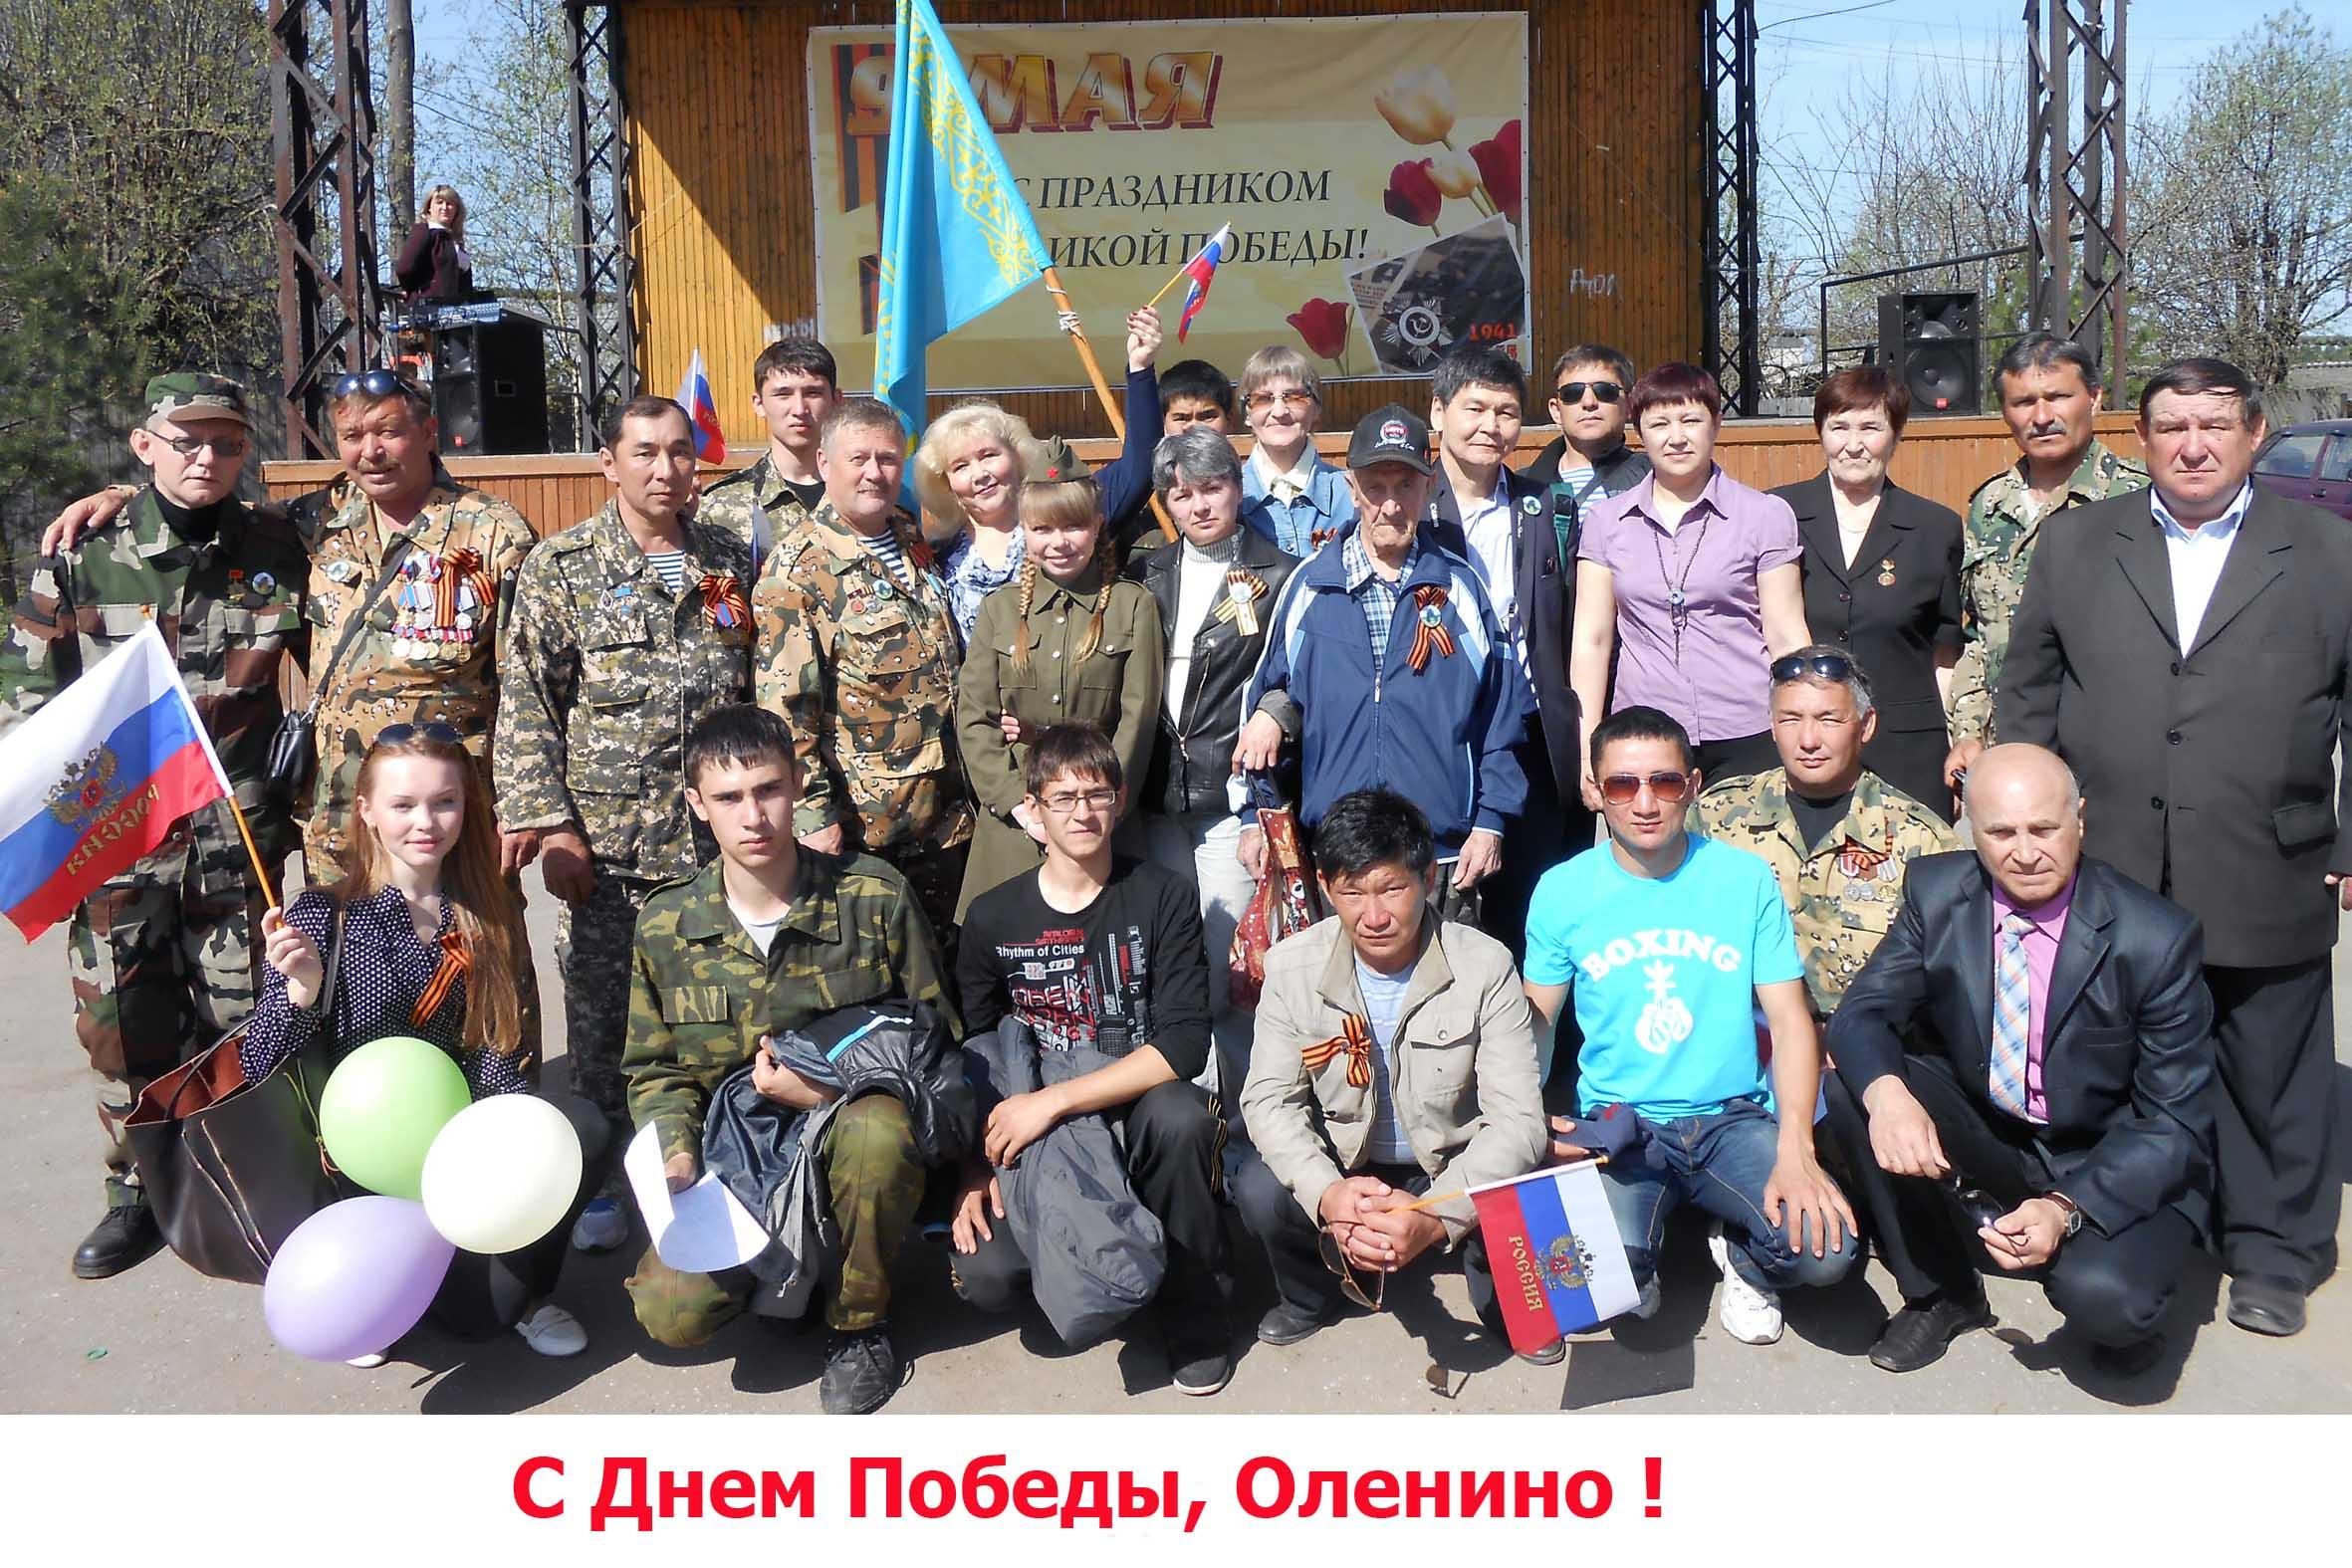 http://s3.uploads.ru/DM2WC.jpg